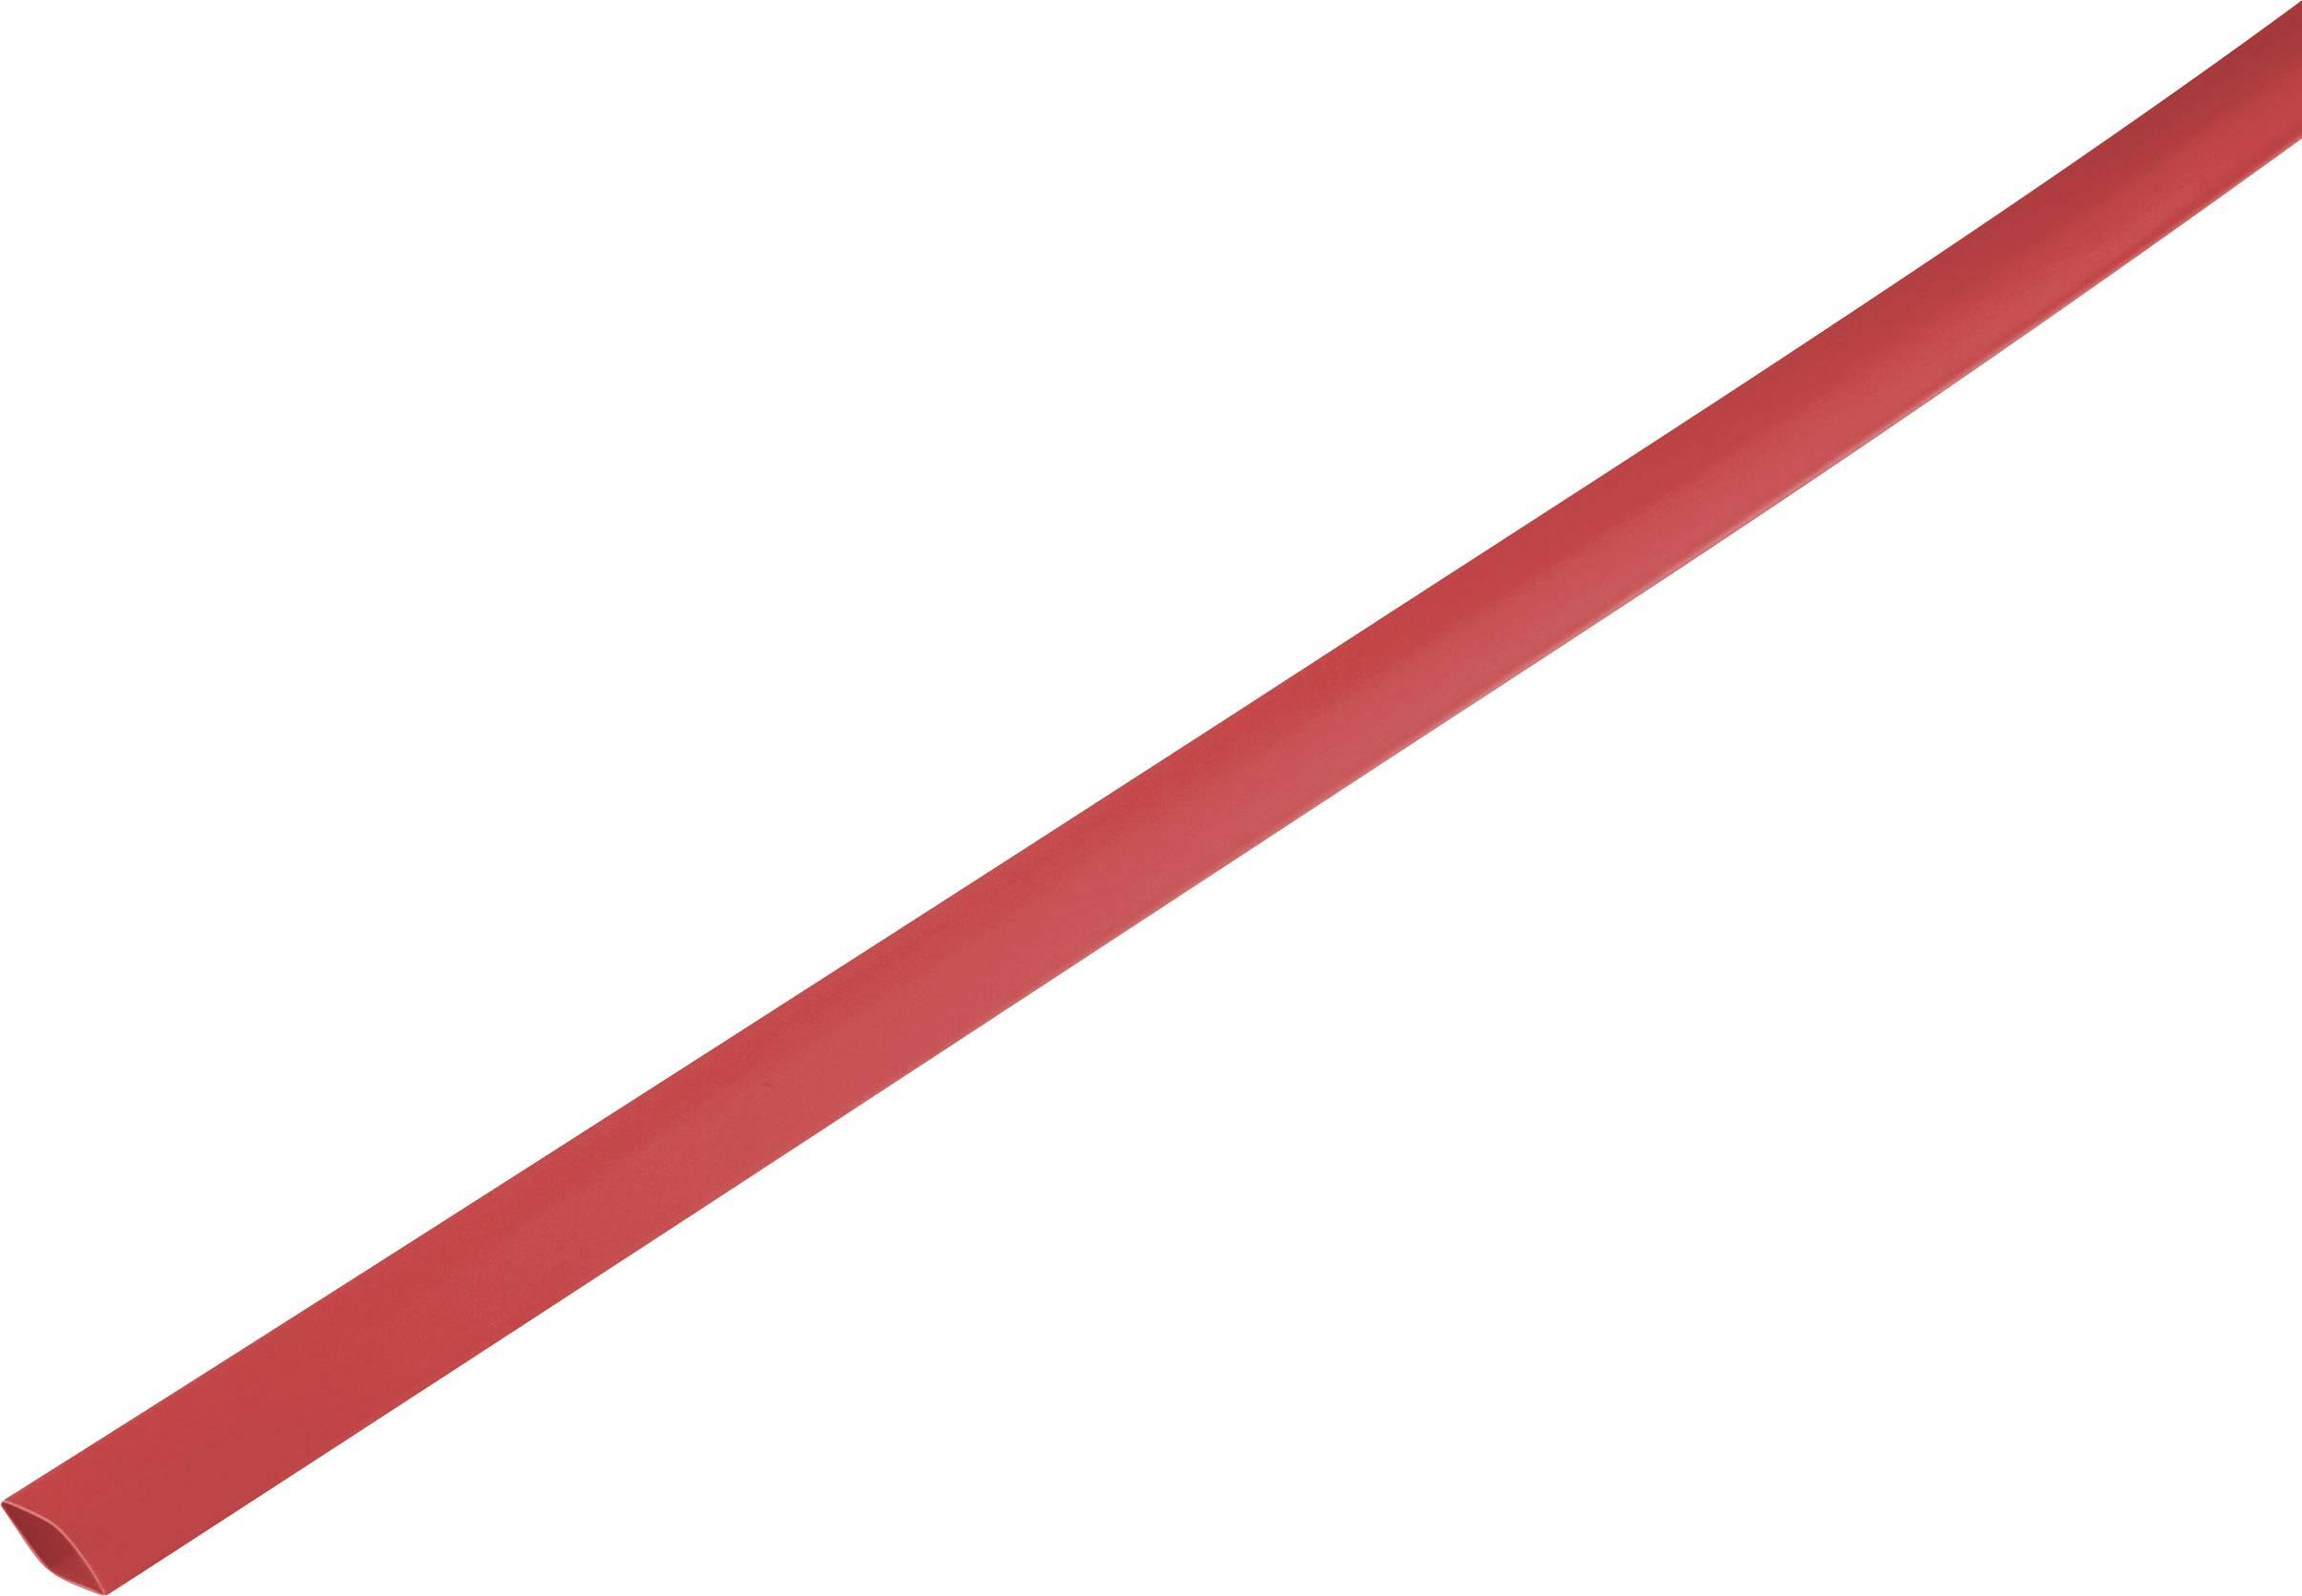 Smršťovací bužírka bez lepidla TRU COMPONENTS 1225448, 8.60 mm, červená, metrové zboží